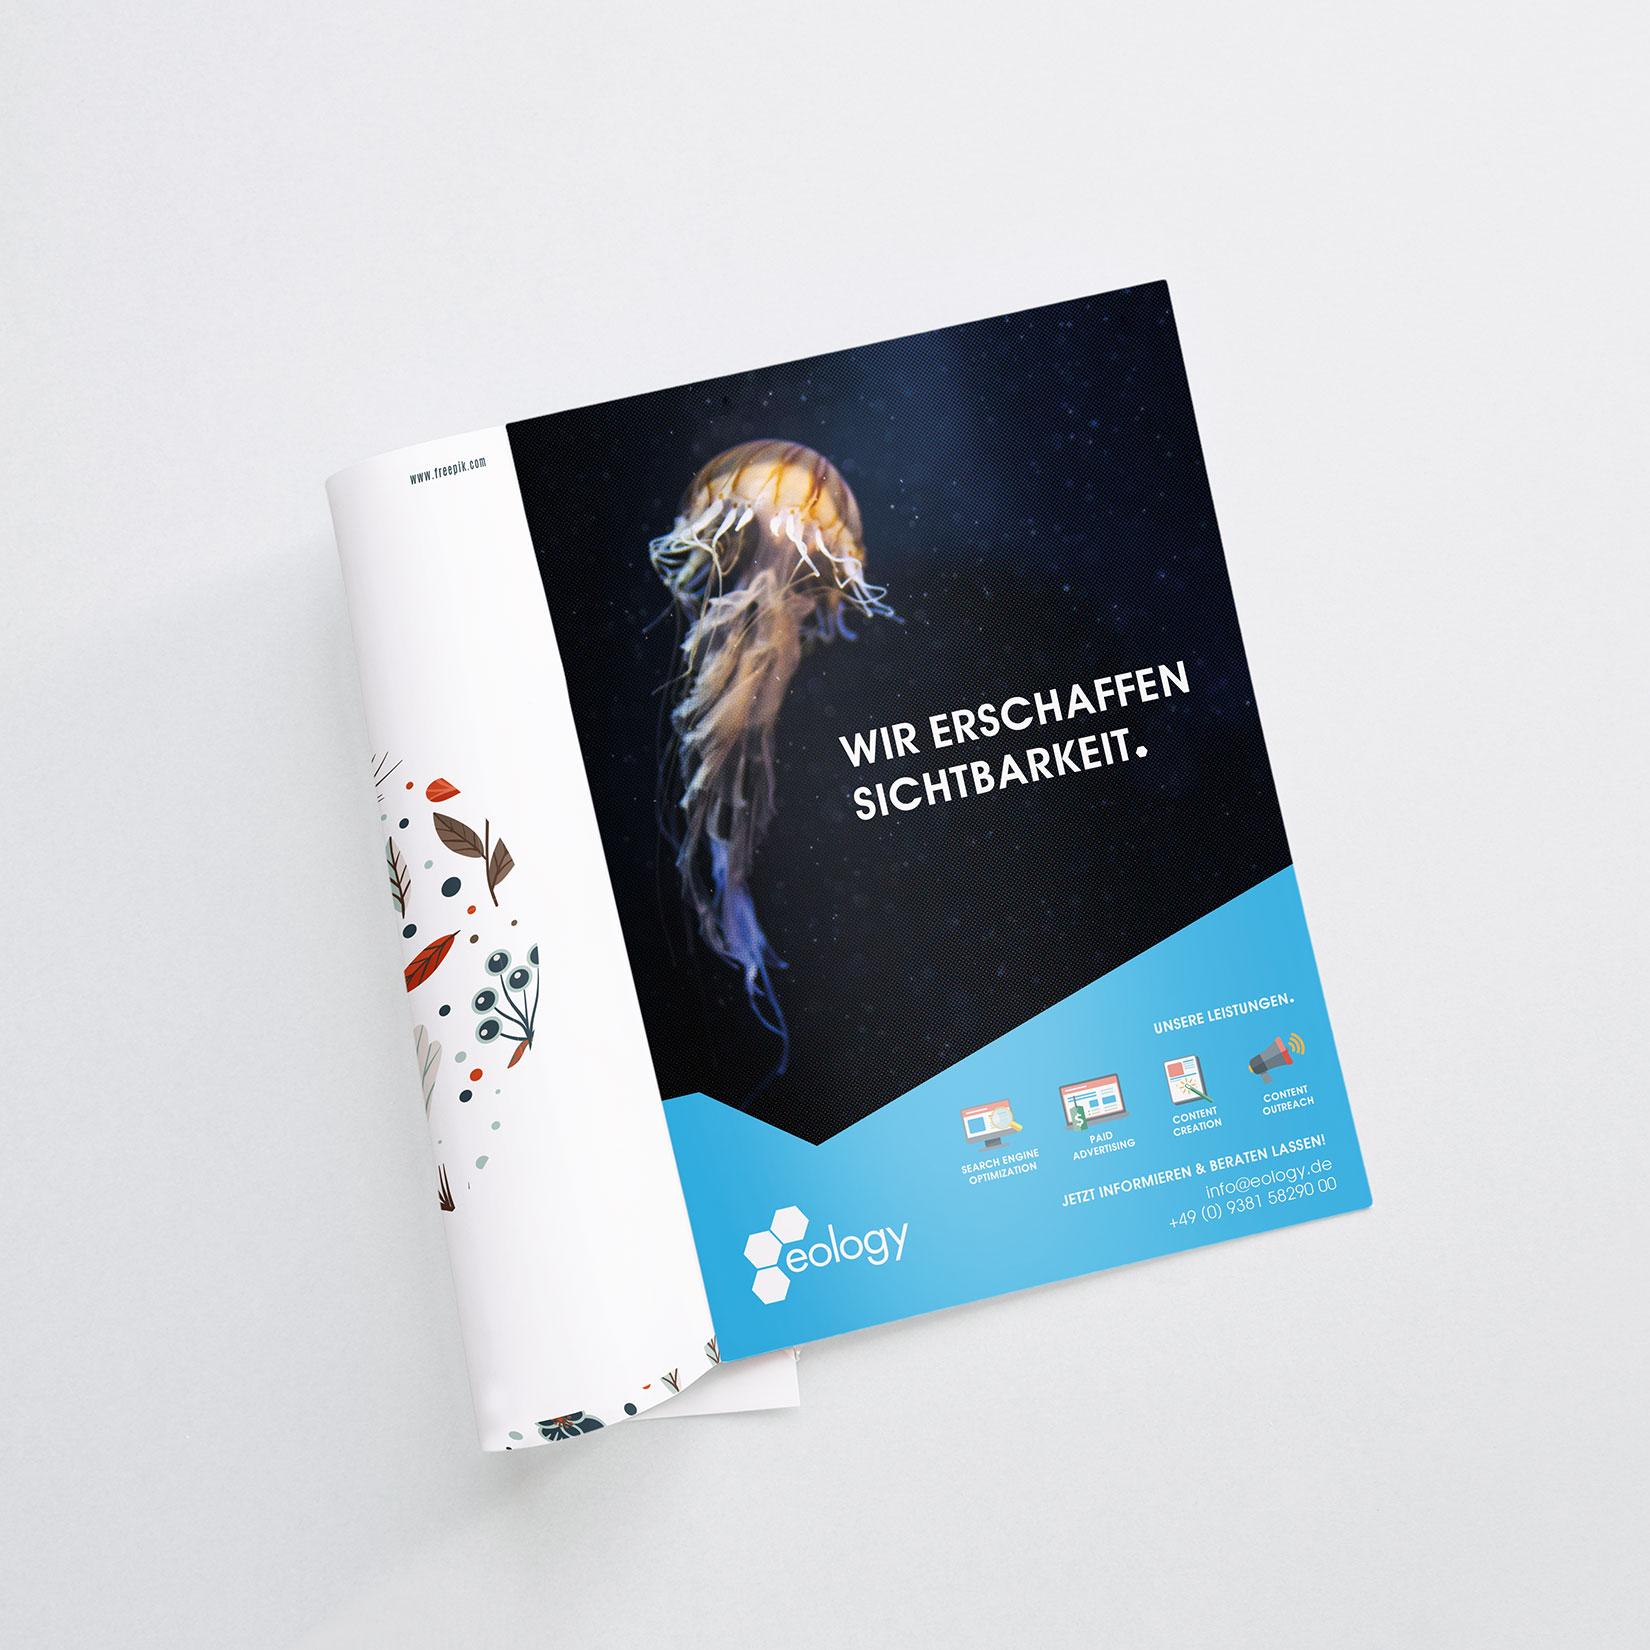 Eology Corporate Design Magazin Anzeige Anzeige